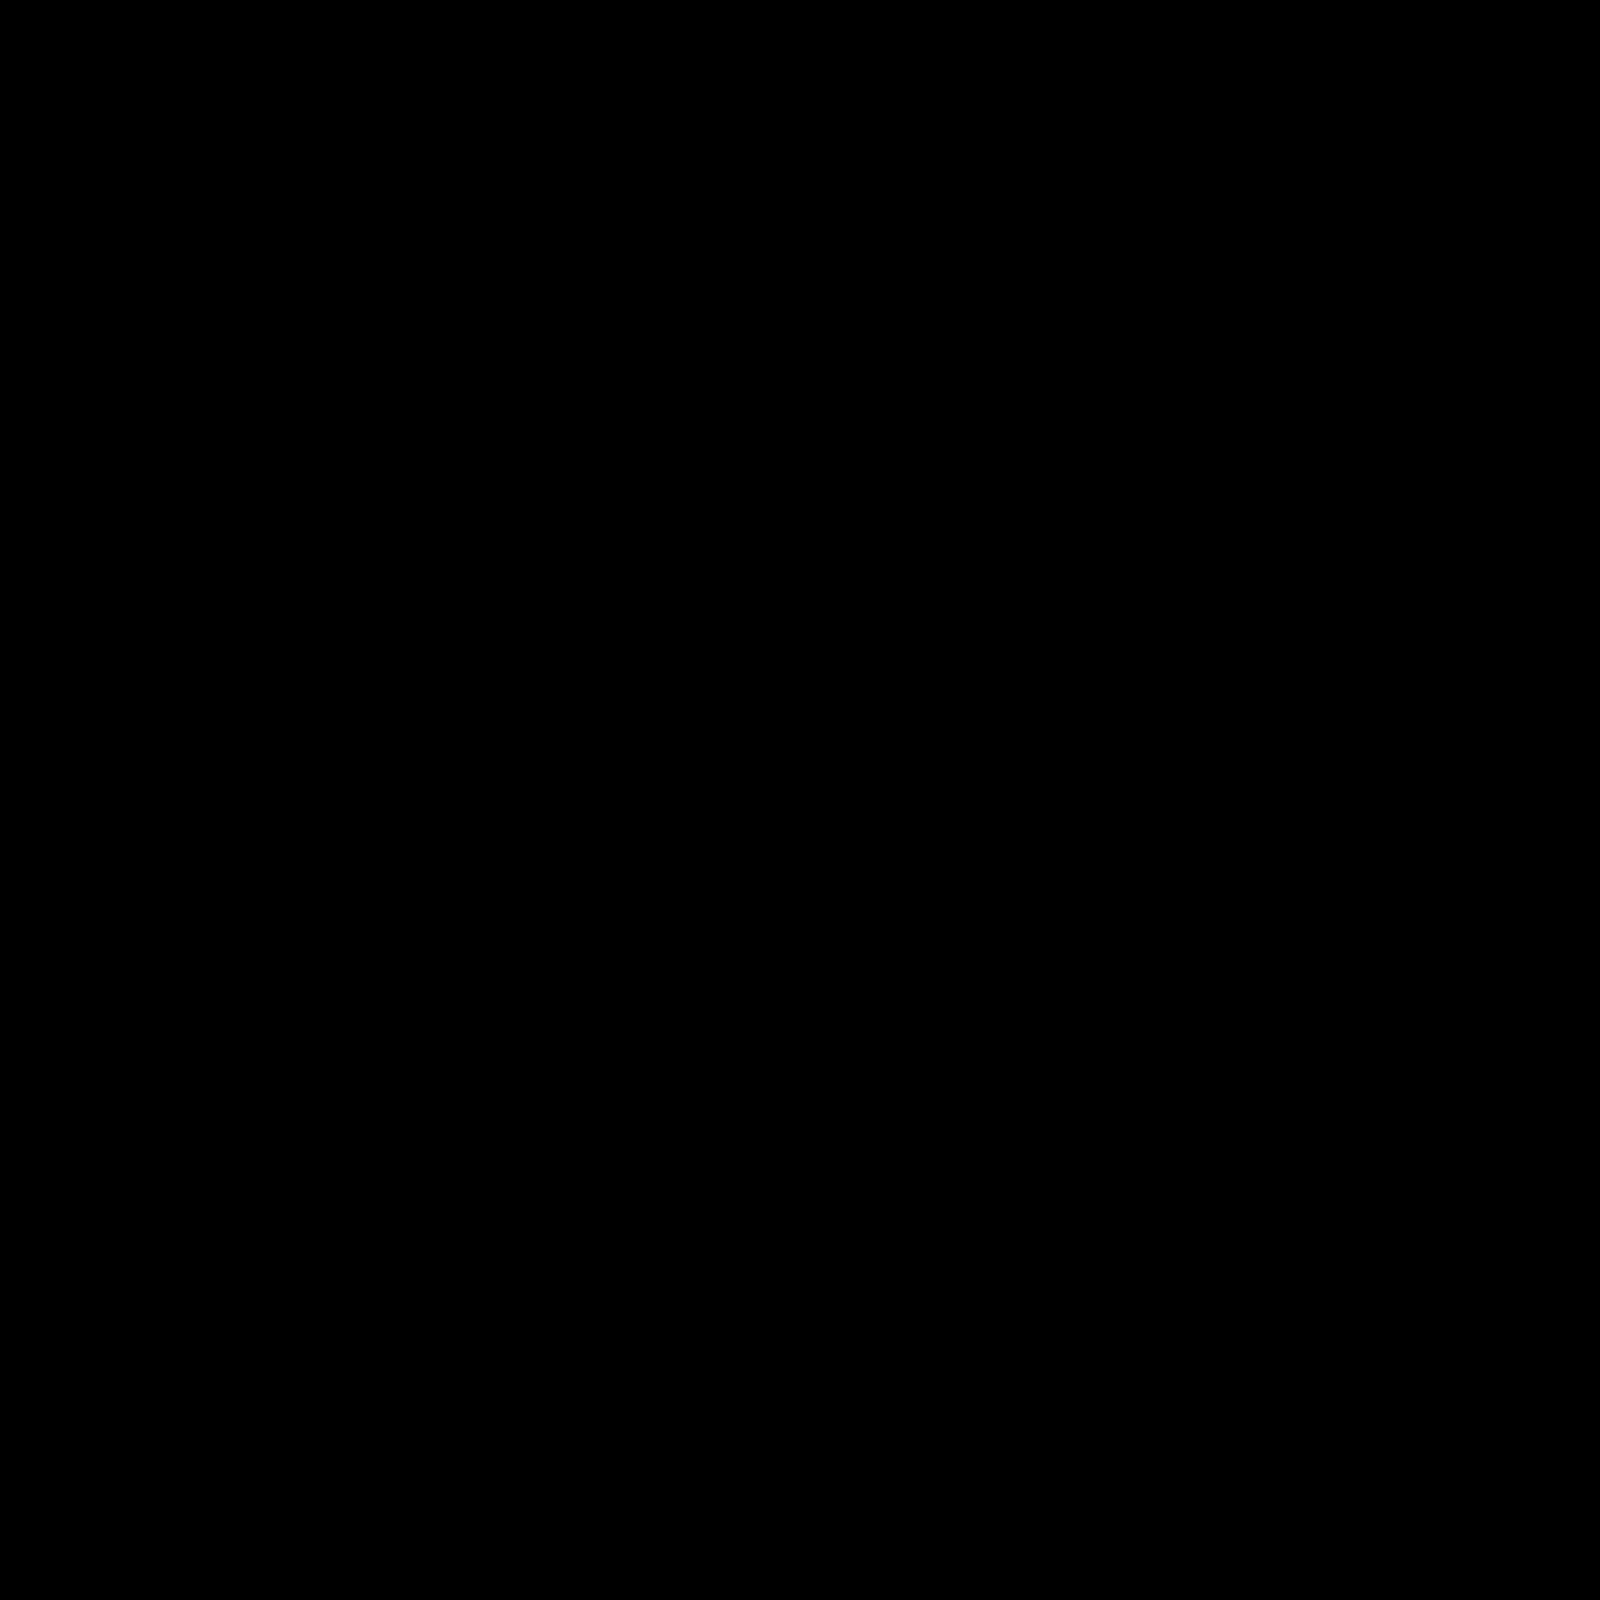 Вкладка не выбрана icon